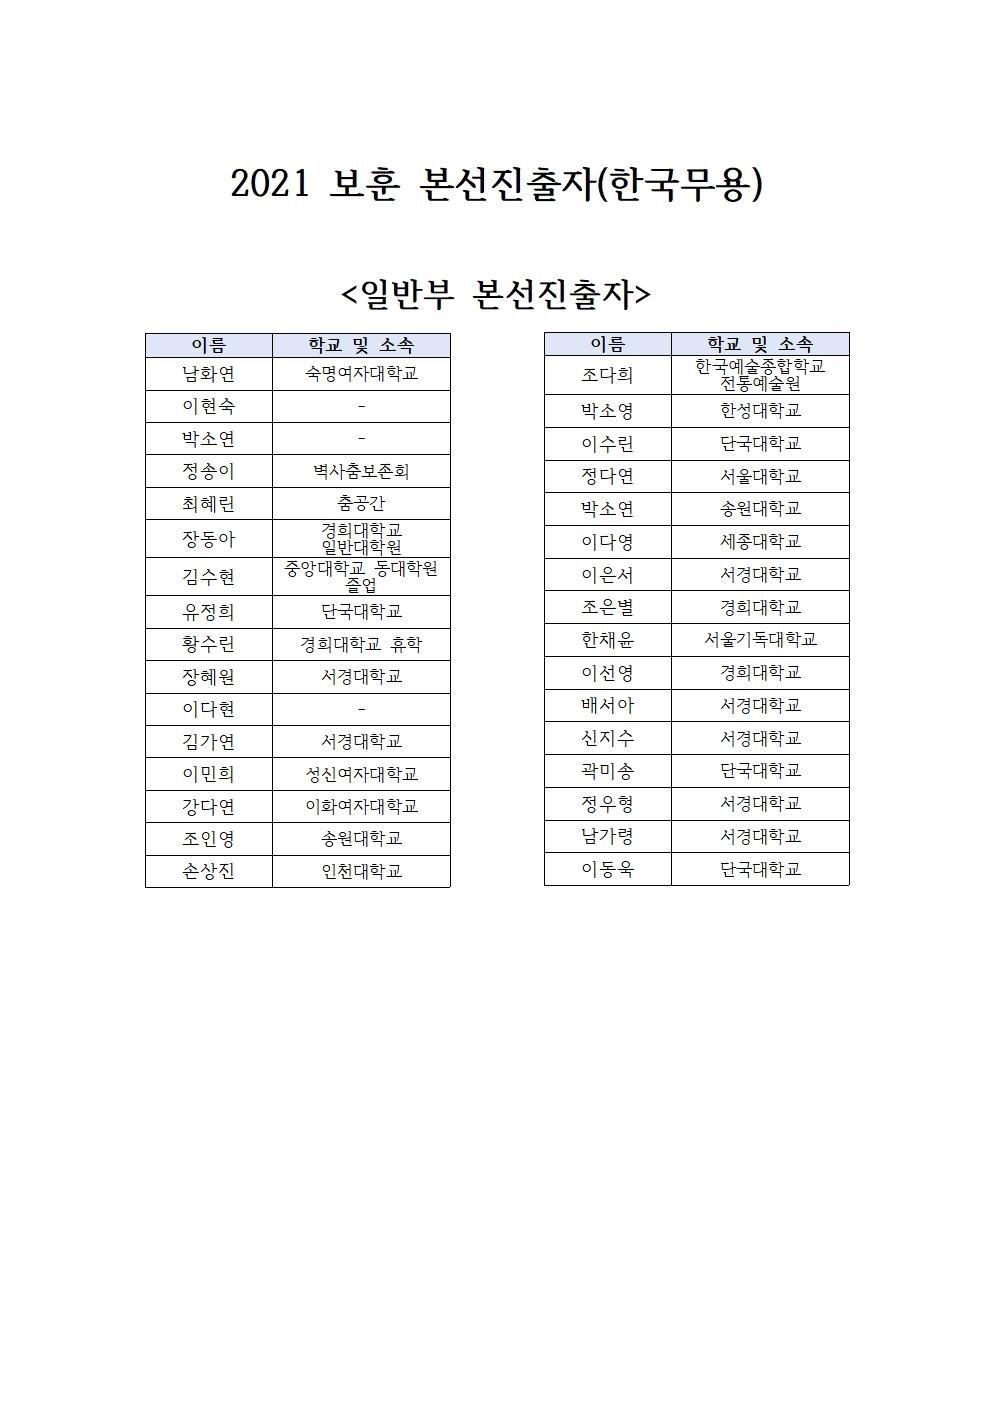 2021 보훈 한국무용 본선진출자001.jpg